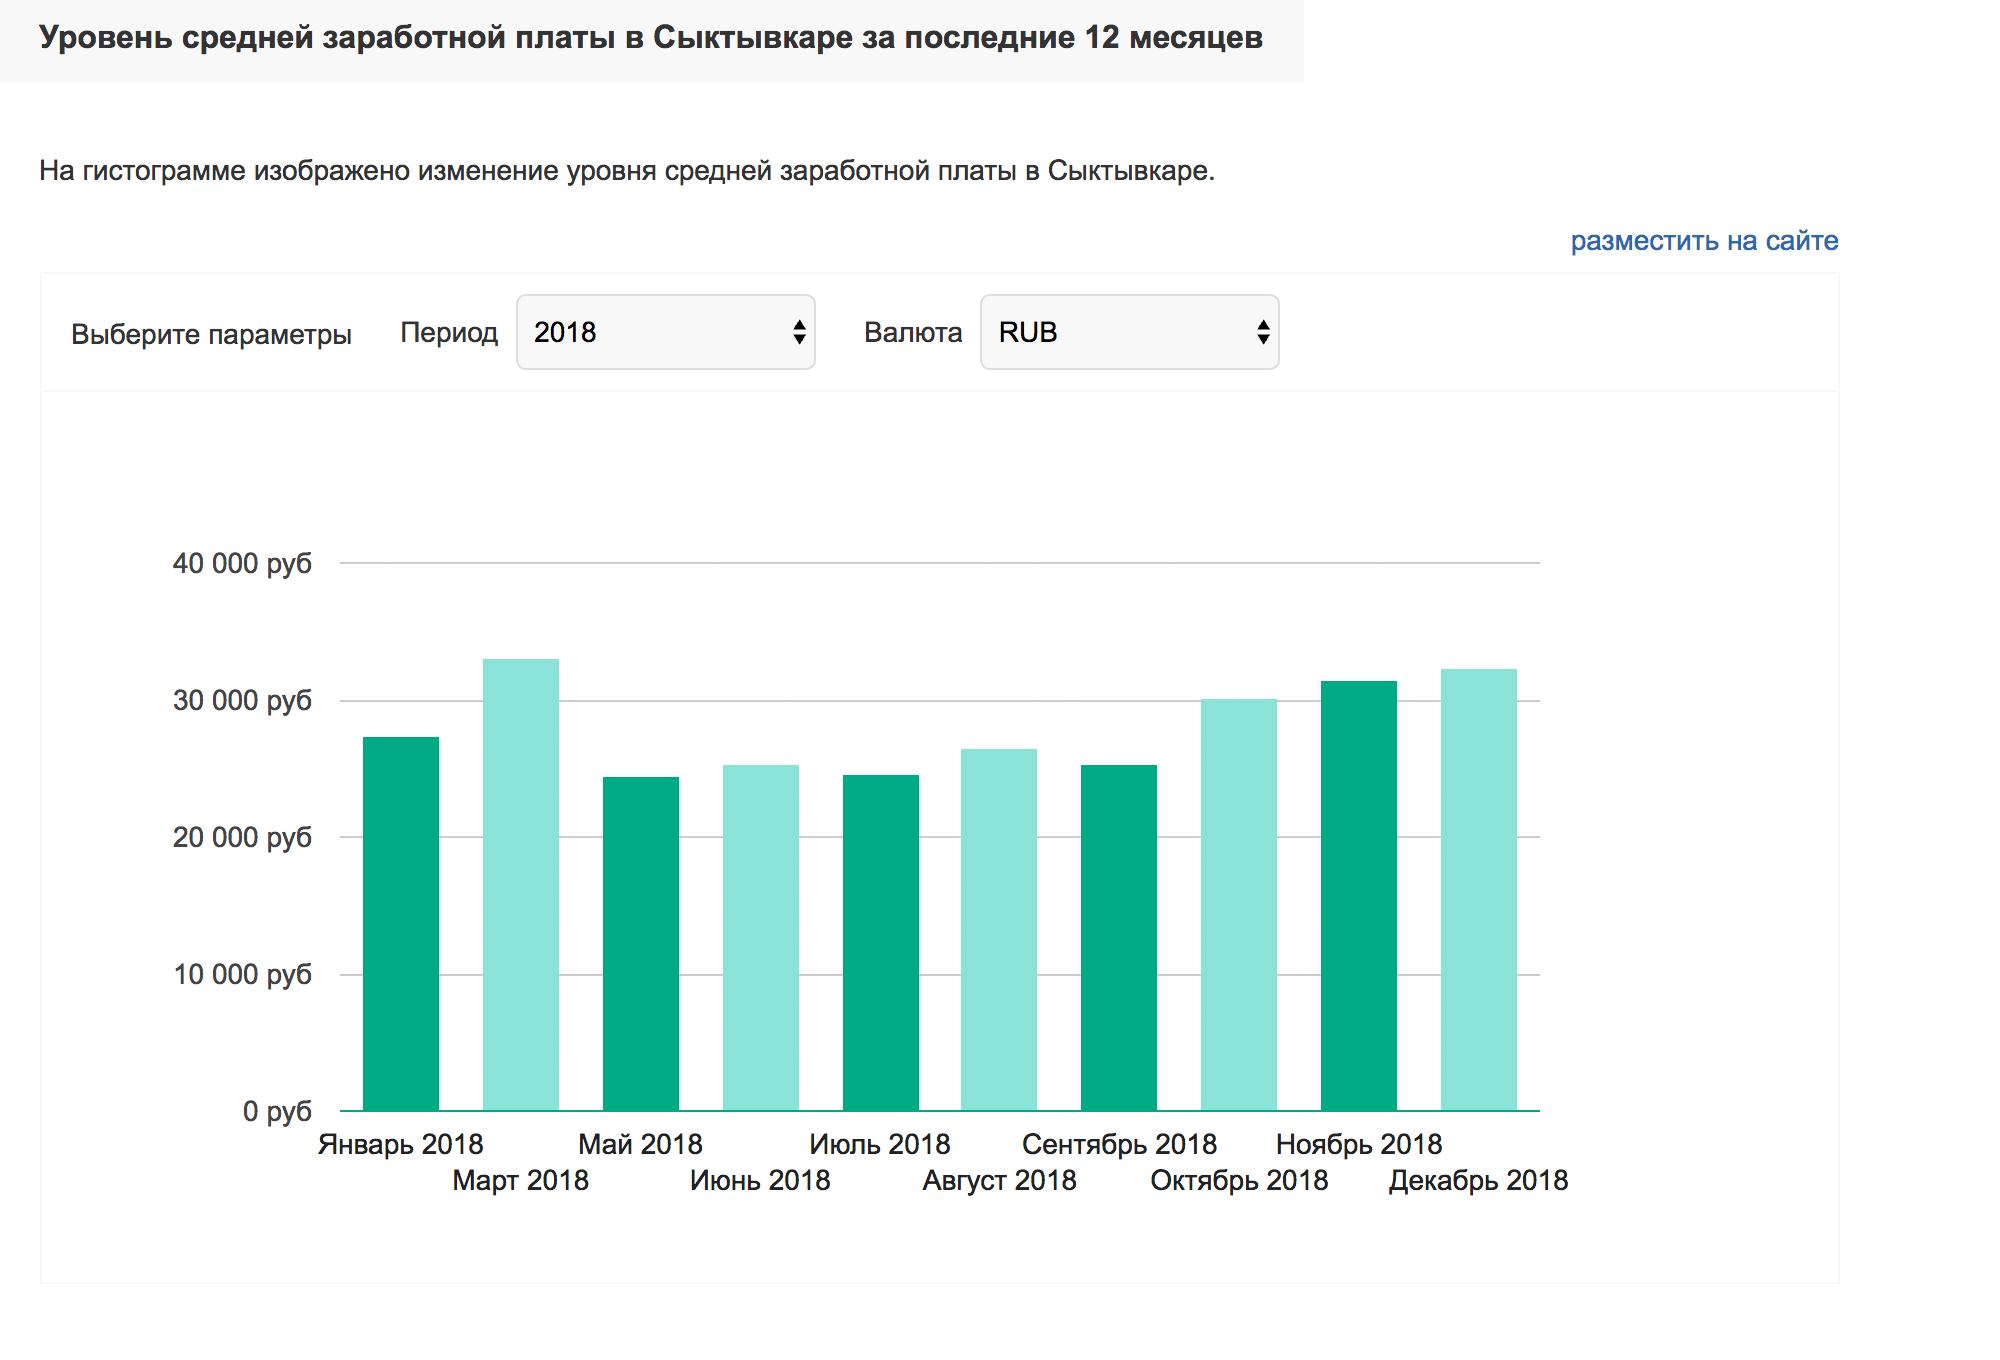 Средняя зарплата в Сыктывкаре за 2018 год